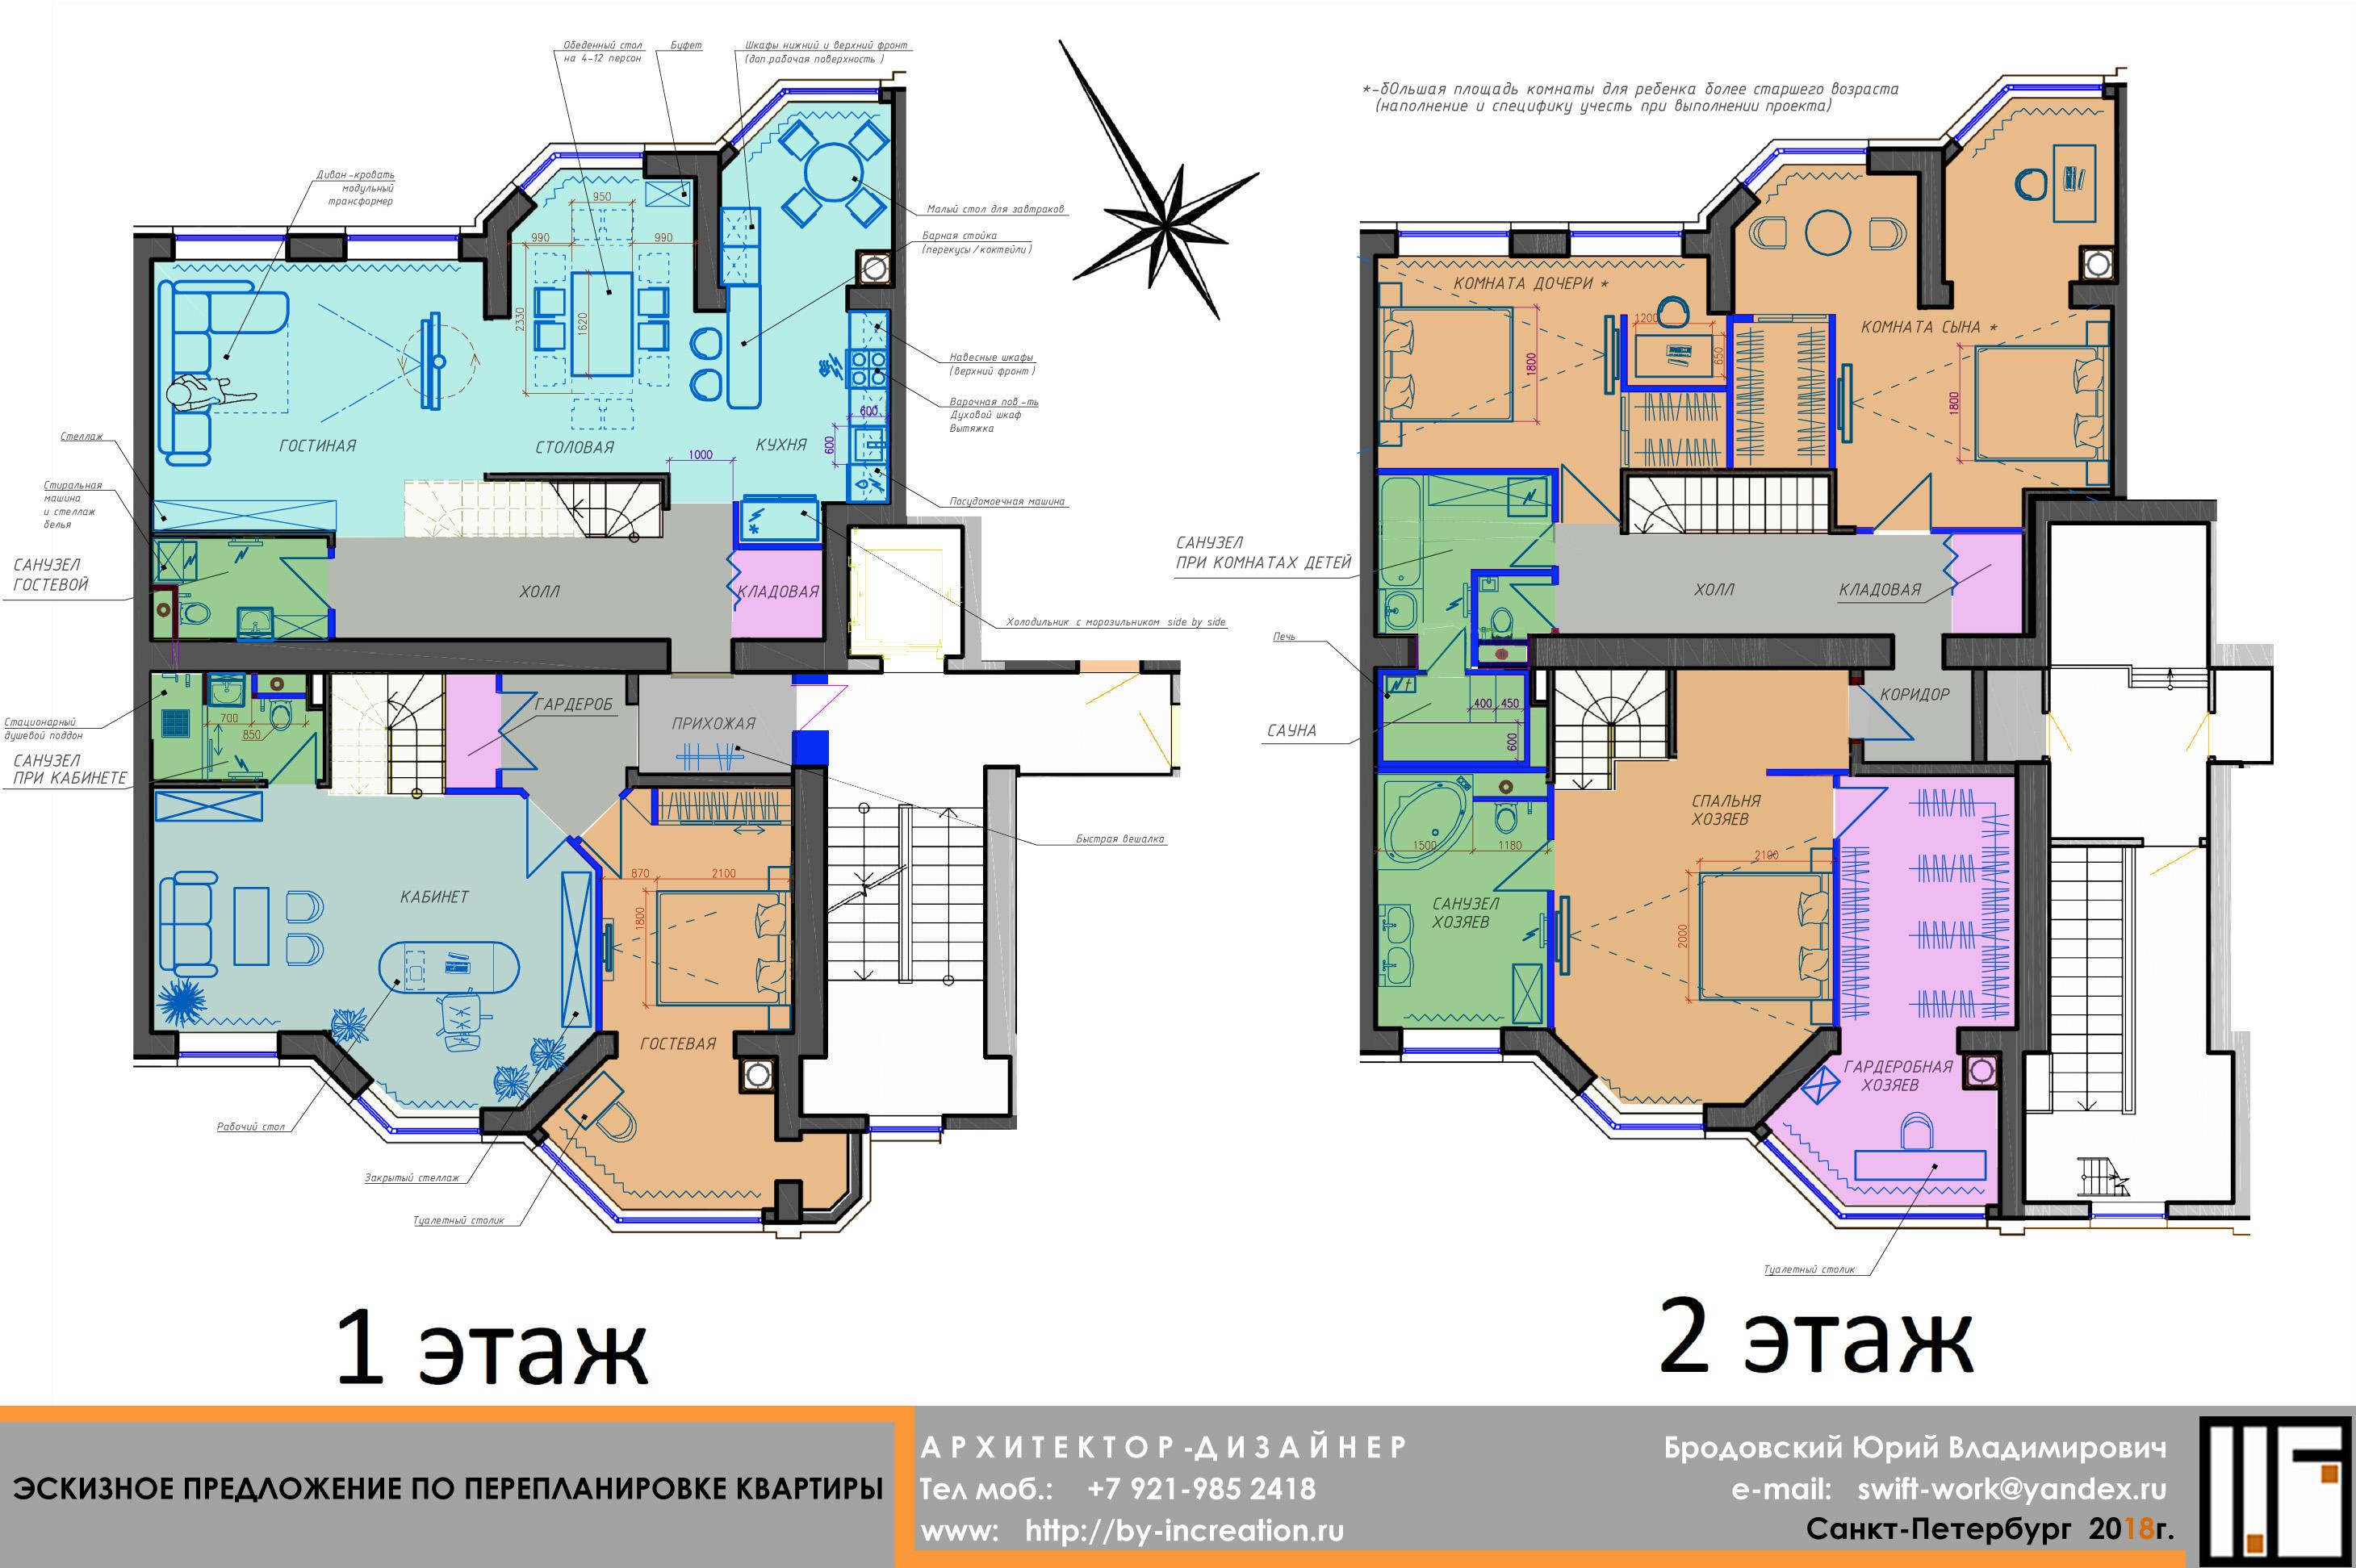 Объединение + планировка квартиры (~260 кв.м.) фото f_8125a565a01ed2b9.jpg